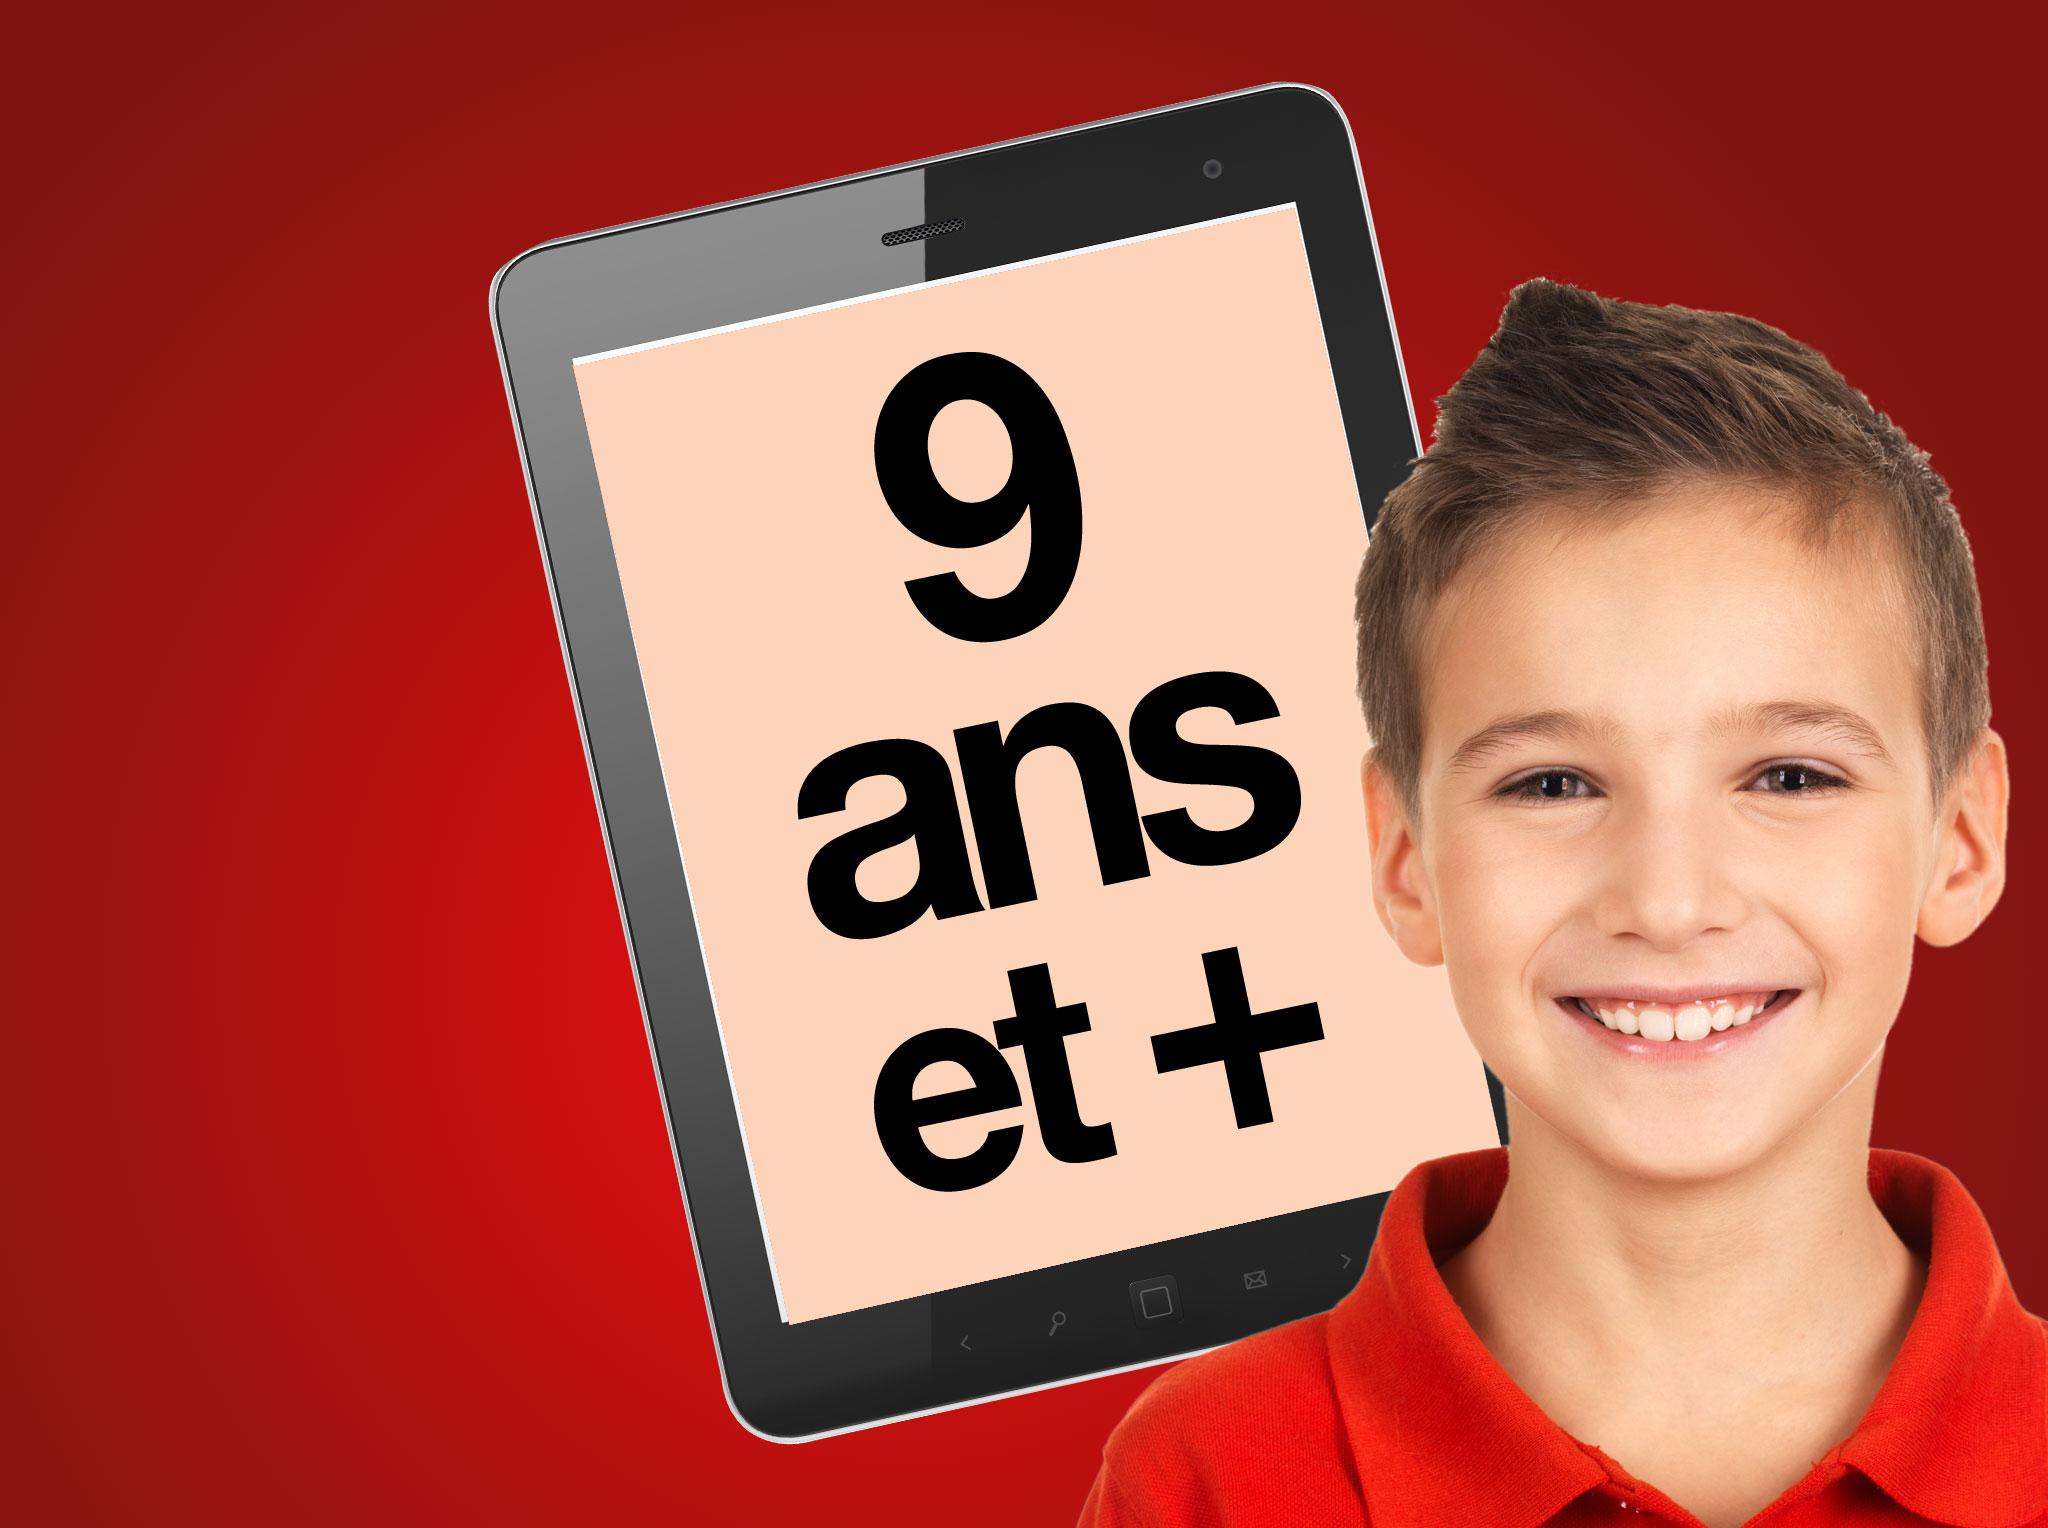 Jeux Sur Tablette: 64 Choix Pour Enfants | Protégez-Vous.ca avec Jeux Gratuits Pour Enfants De 5 Ans